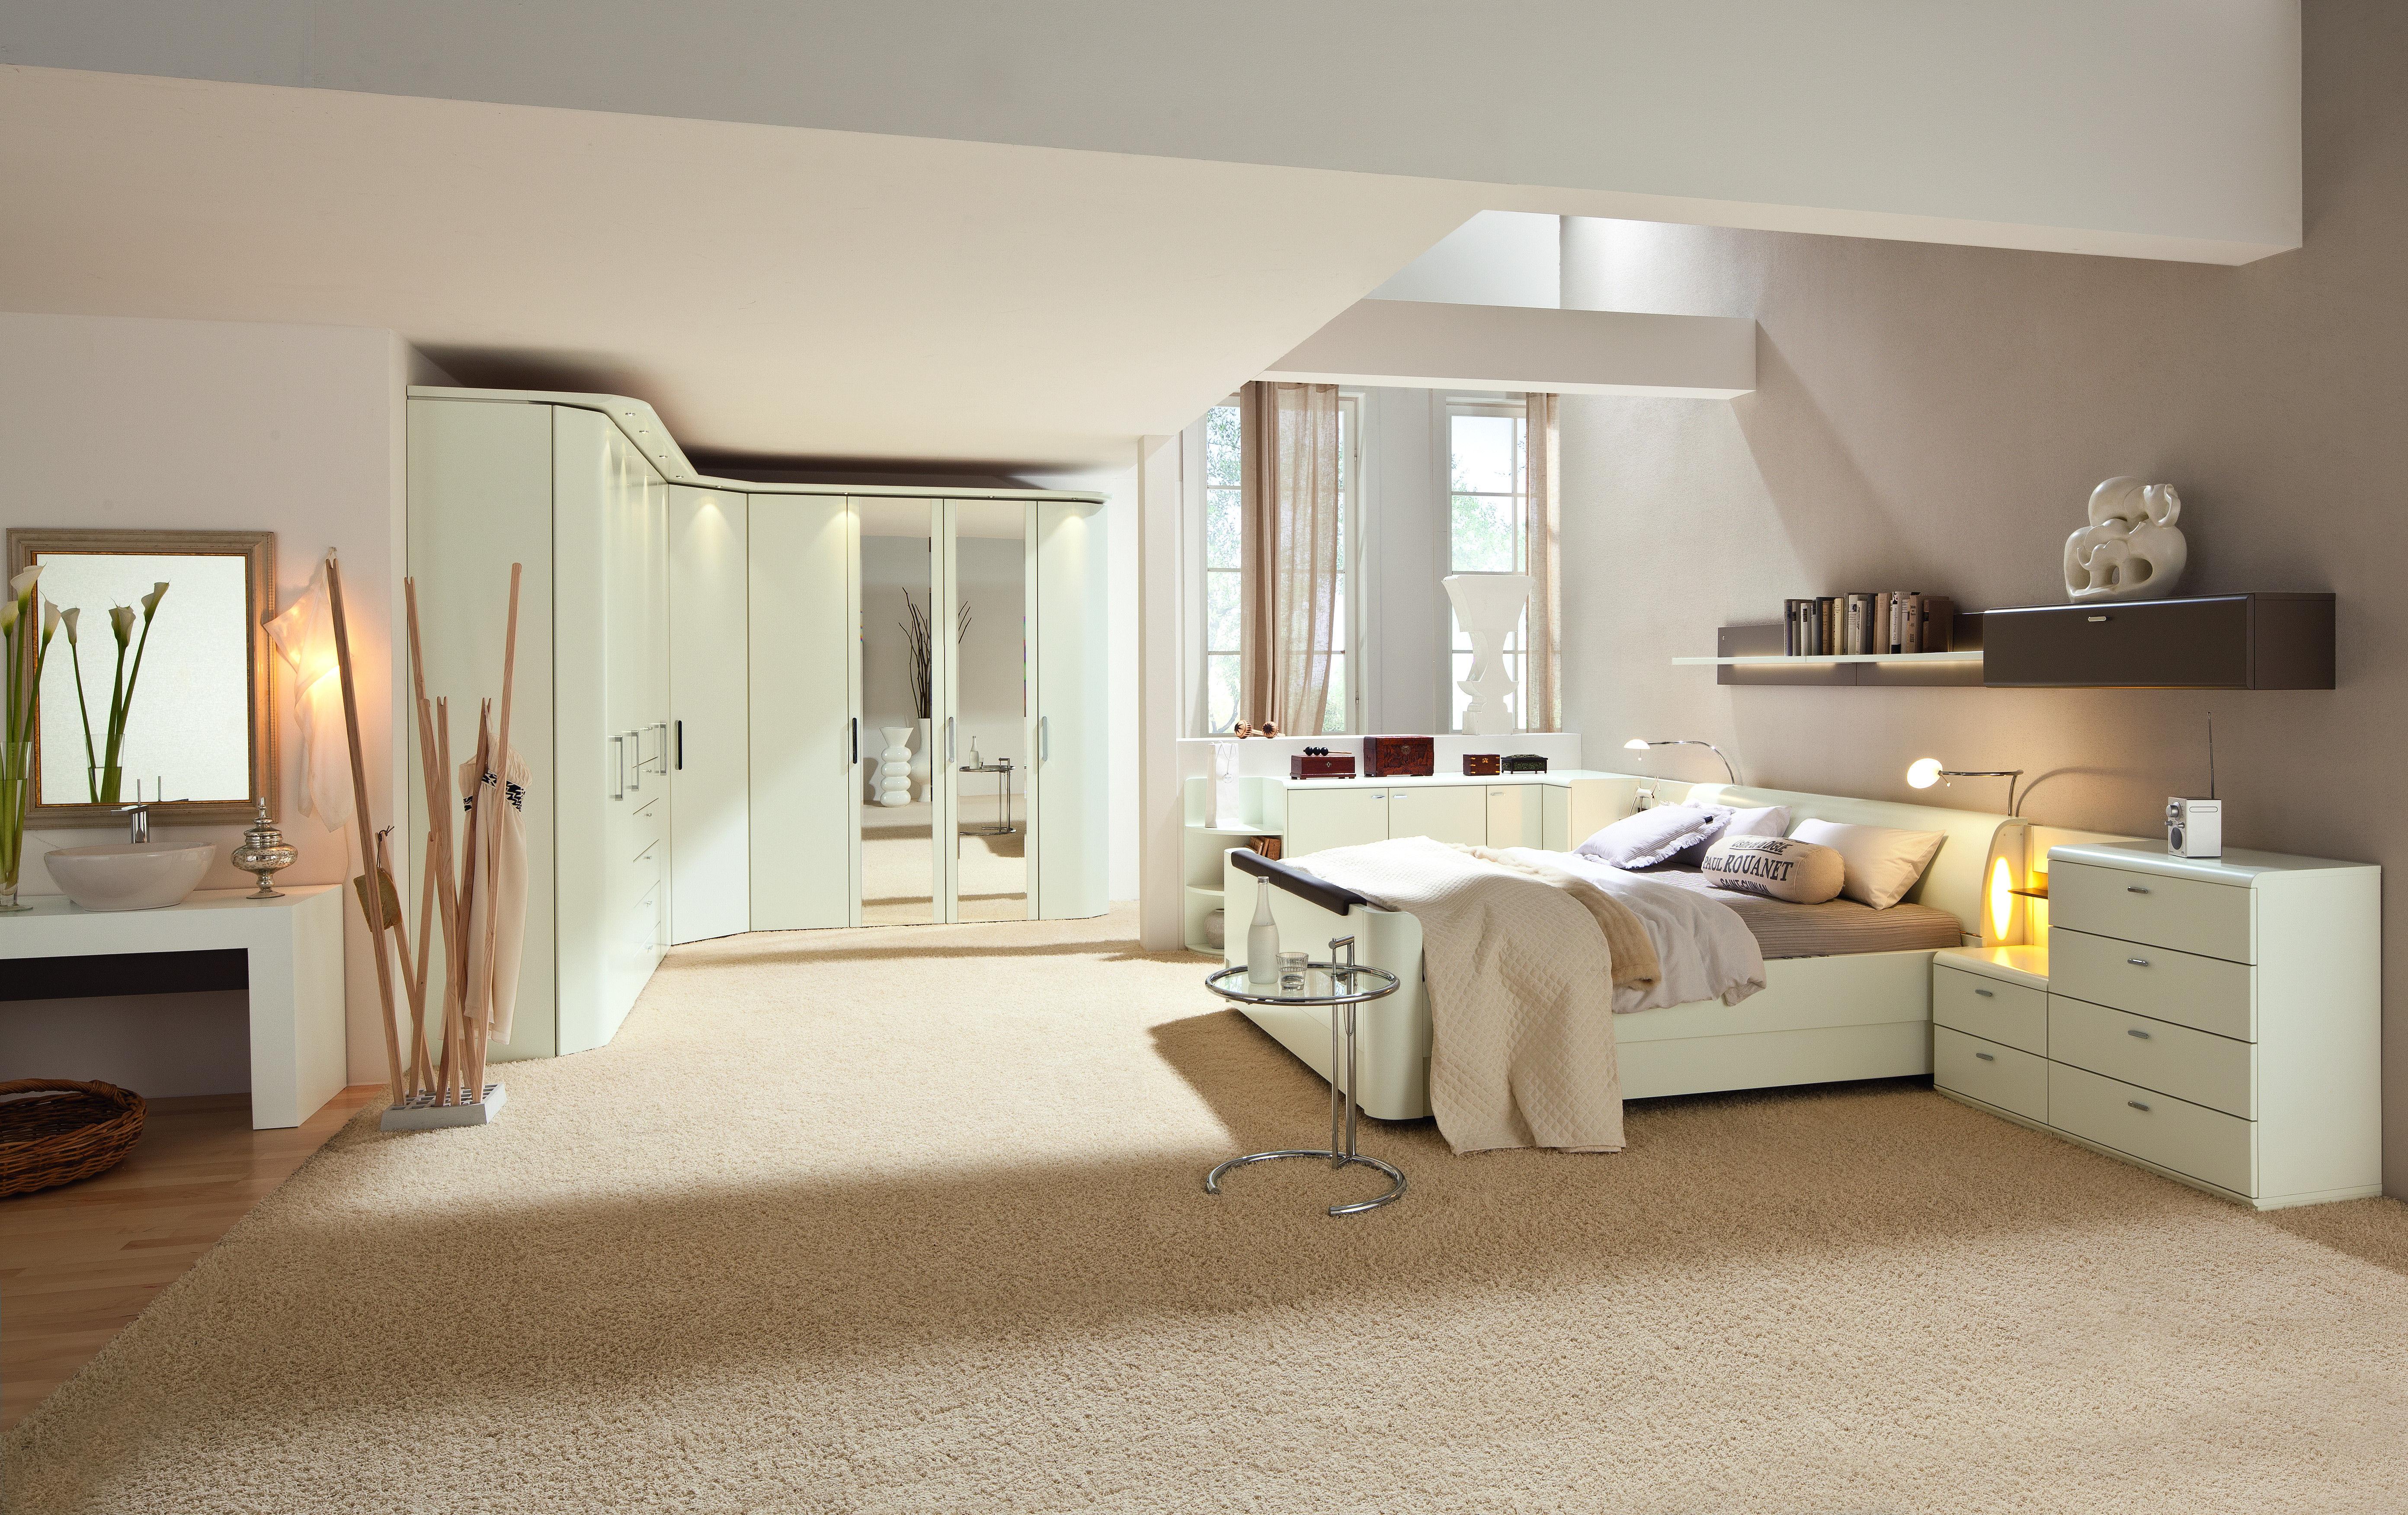 schlafzimmer mit durchbrochener decke. Black Bedroom Furniture Sets. Home Design Ideas